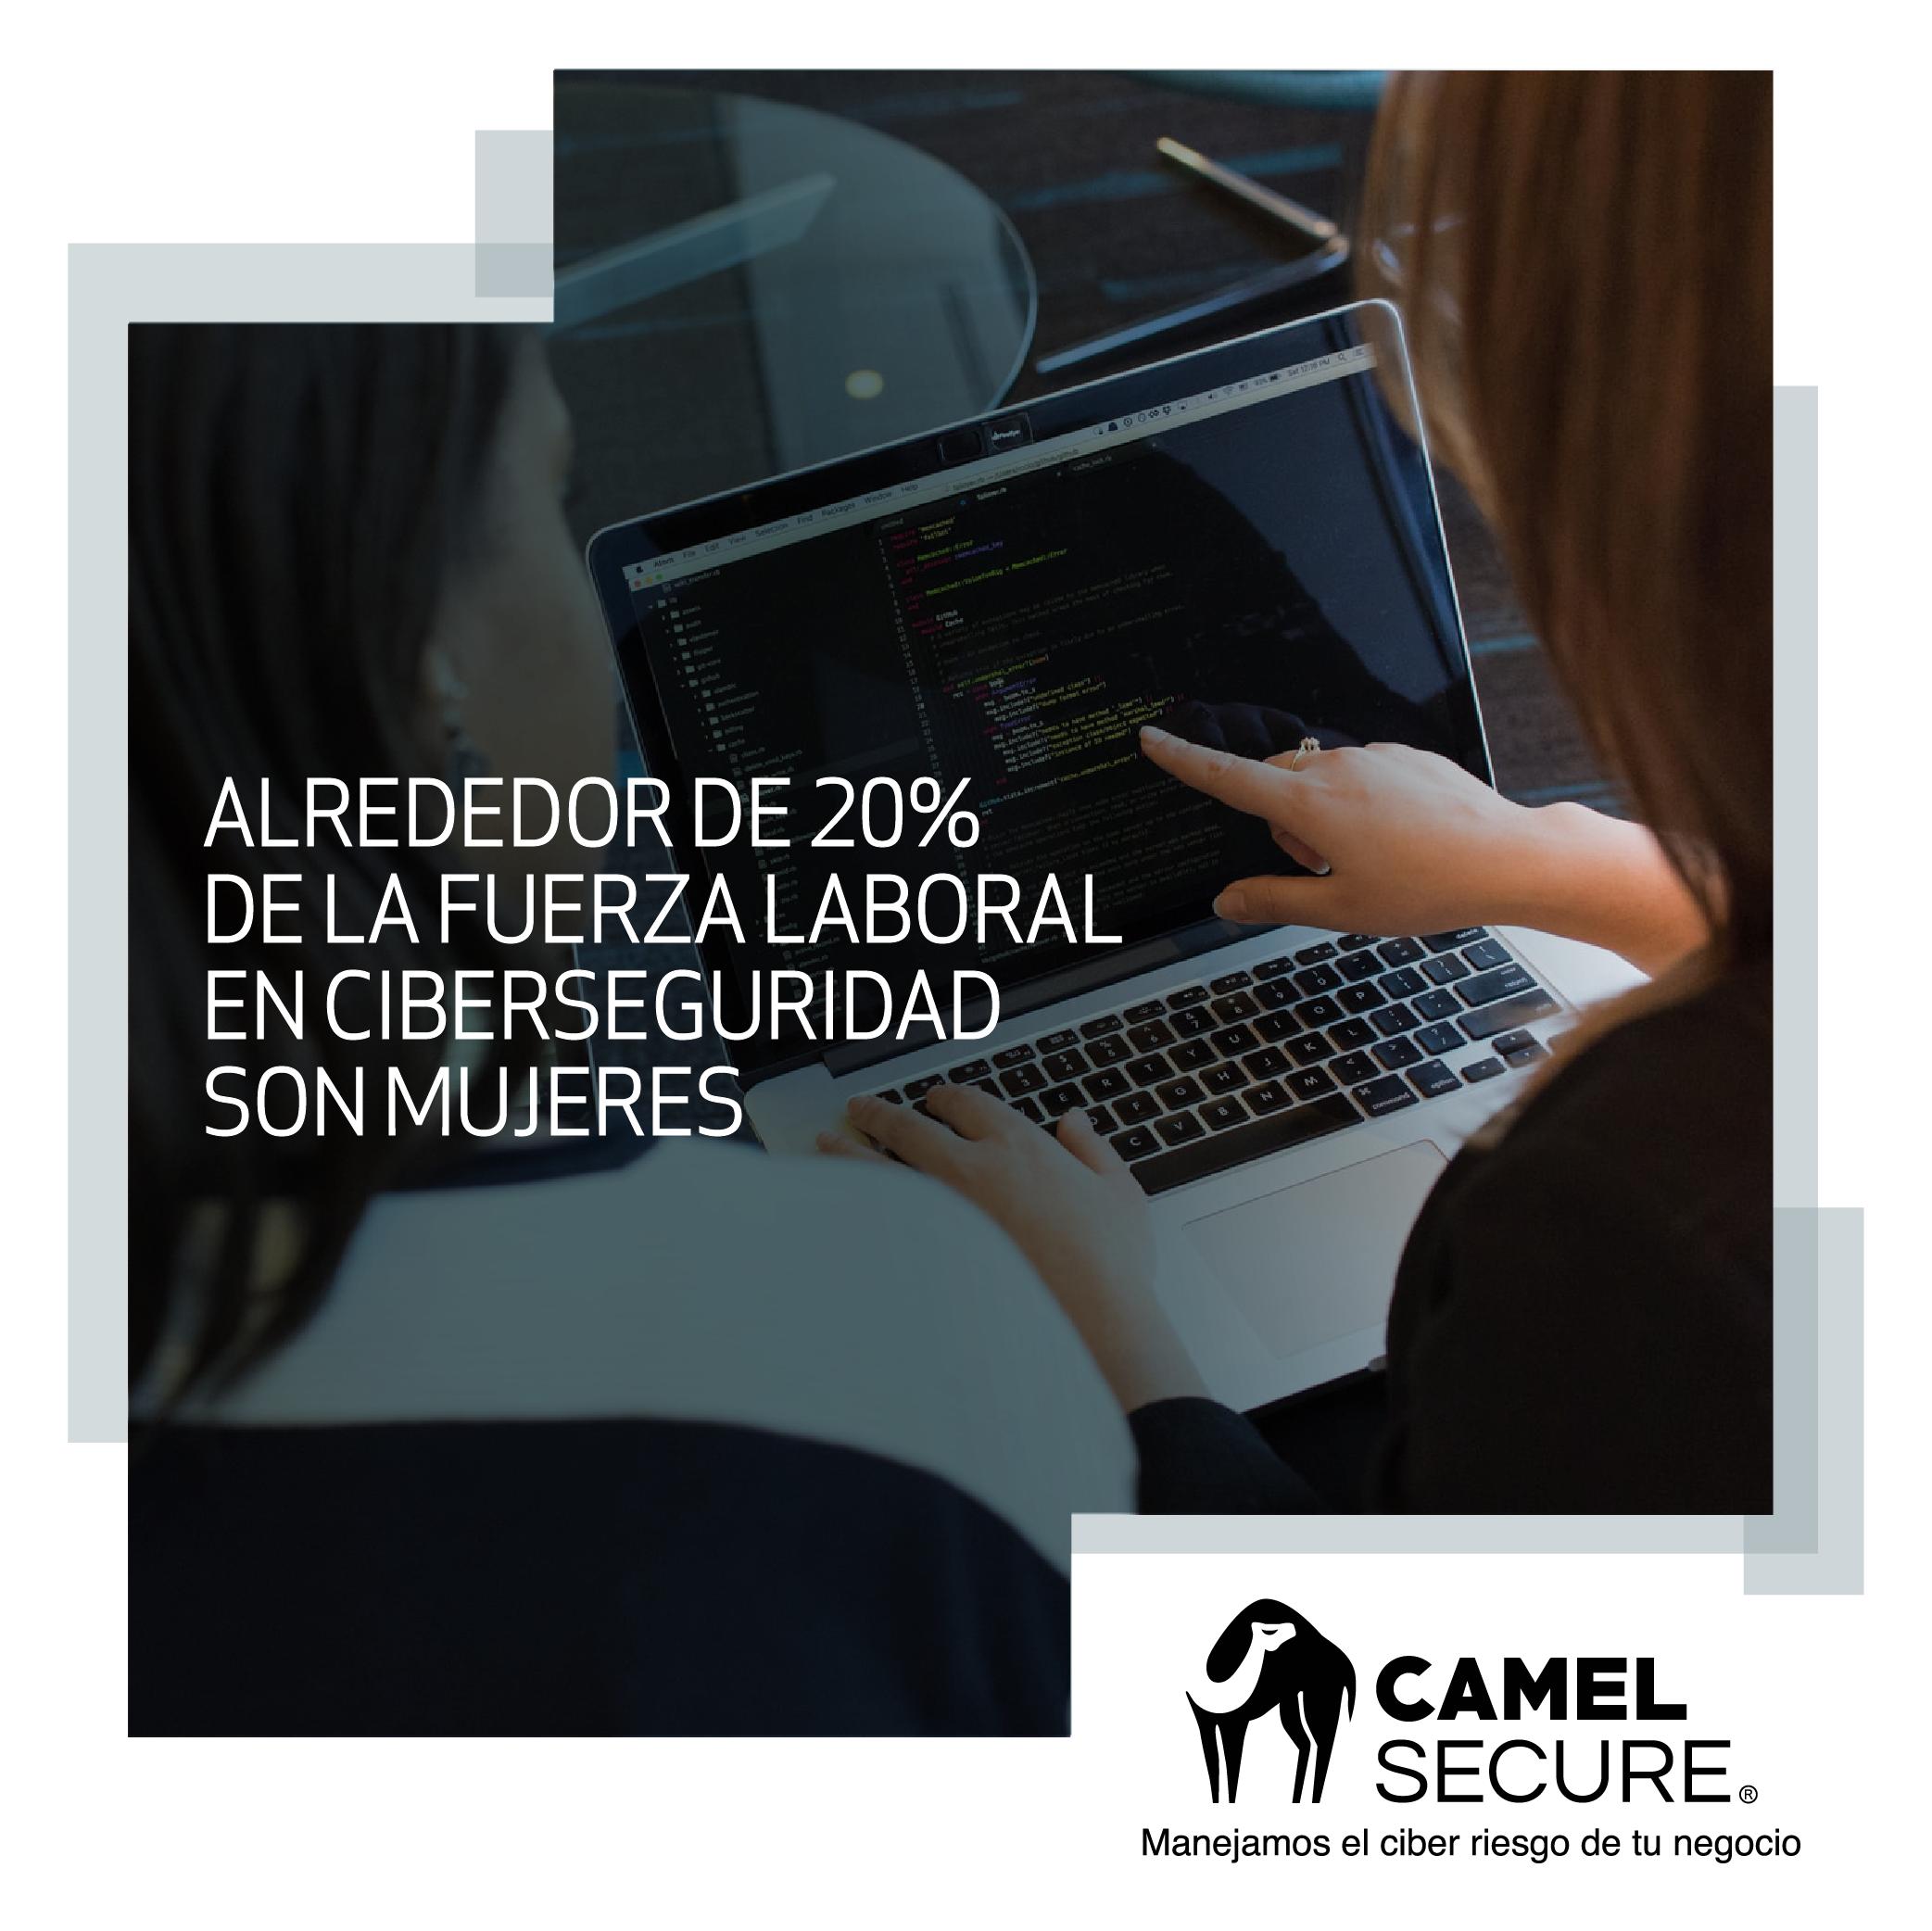 Alrededor de 20% de la fuerza laboral en ciberseguridad son mujeres